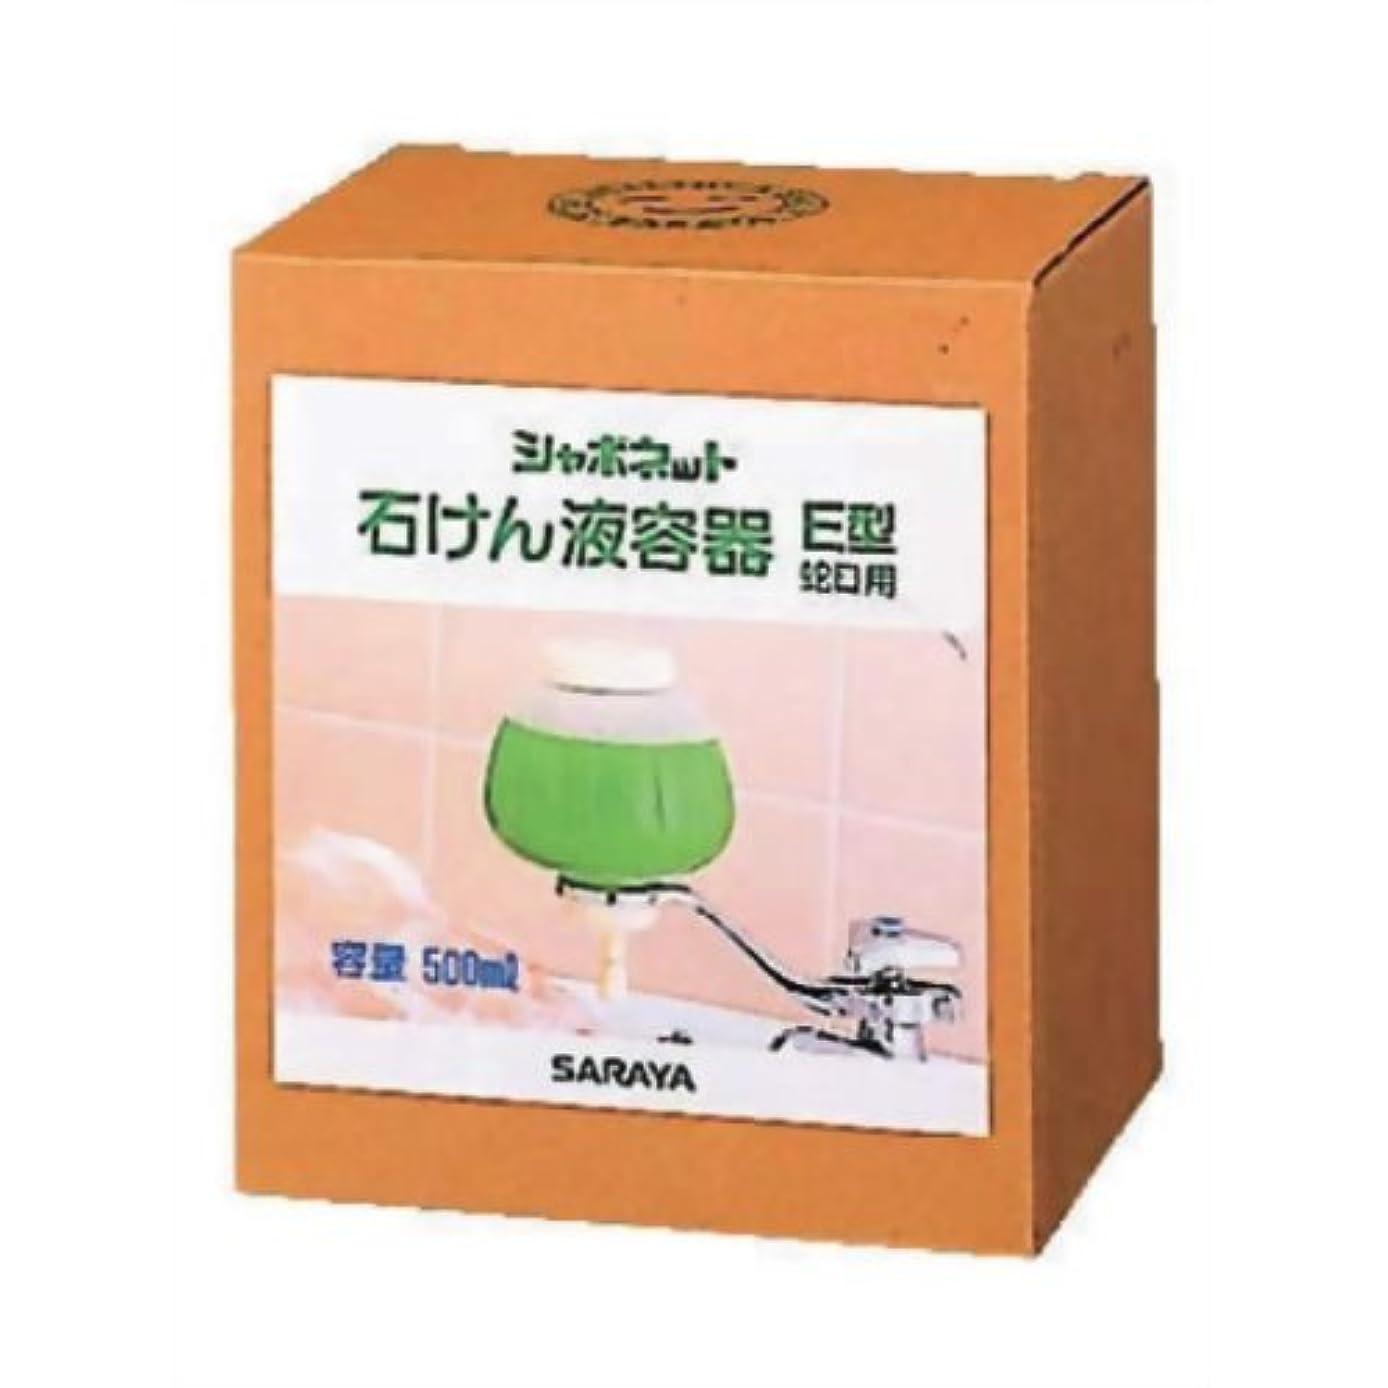 ポール掃く部門シャボネット 石鹸液容器 E型蛇口用 500ml